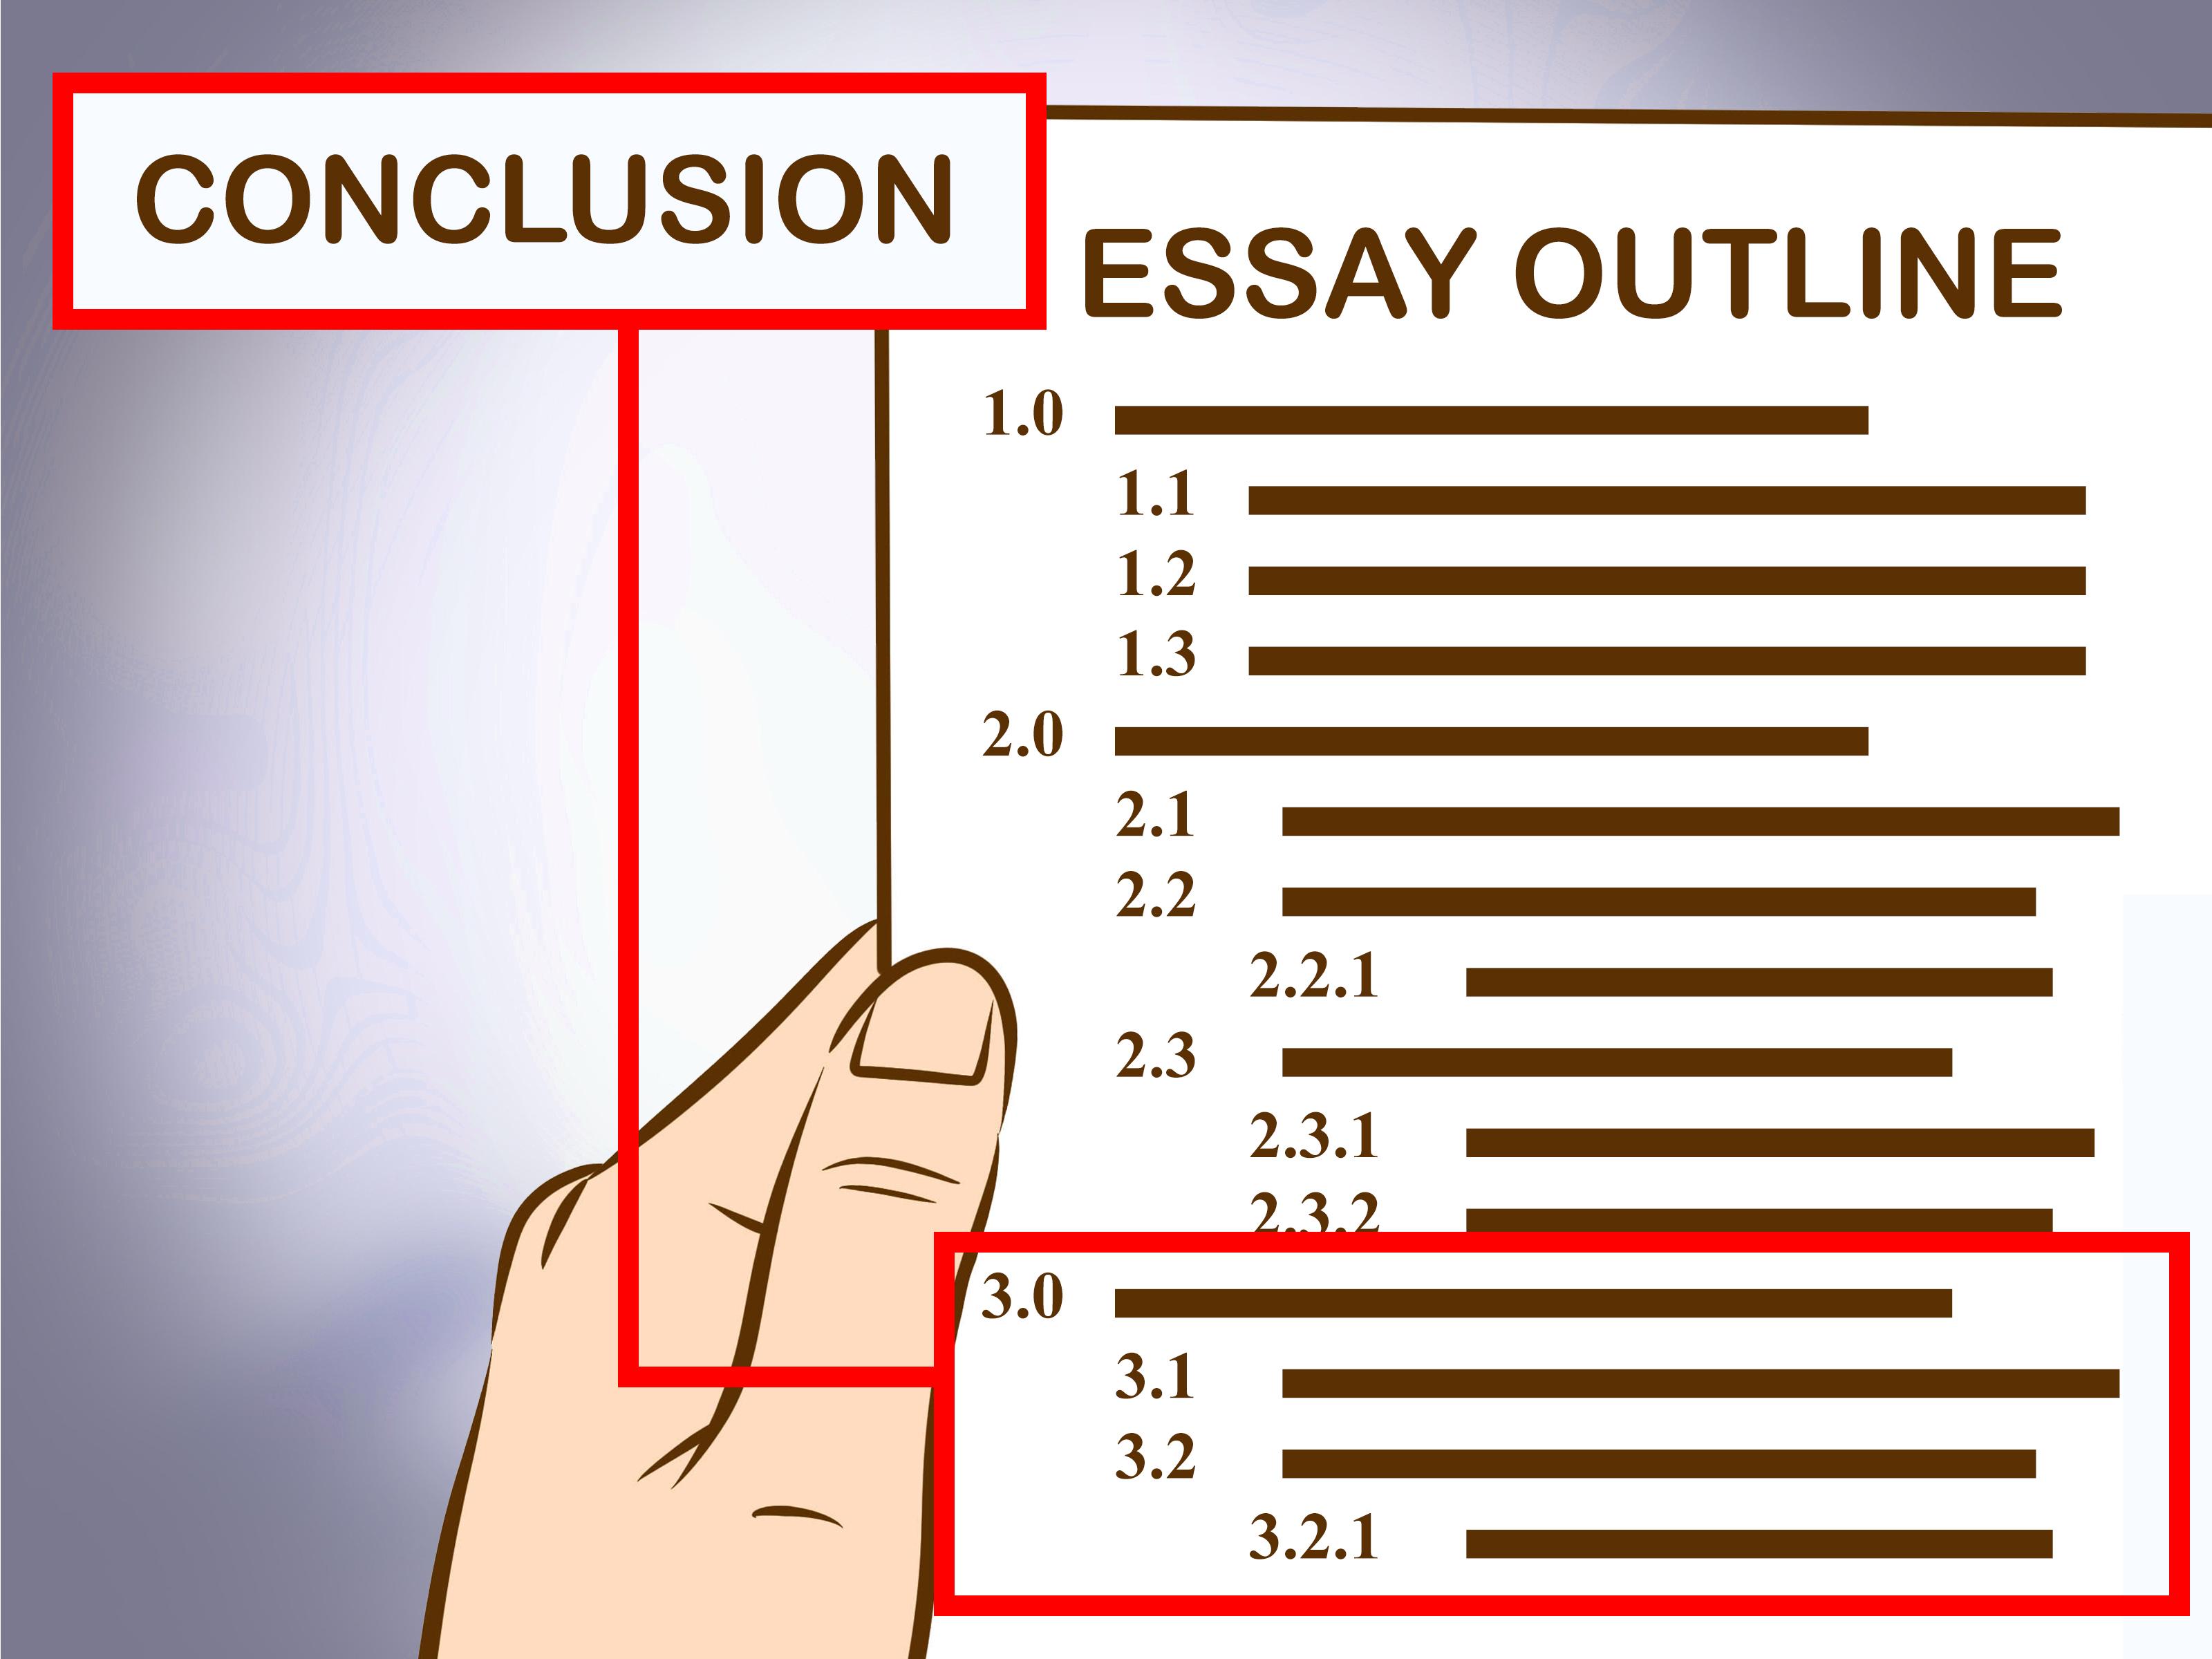 Cấu trúc chung của bài luận tiếng Anh theo chủ đề internet